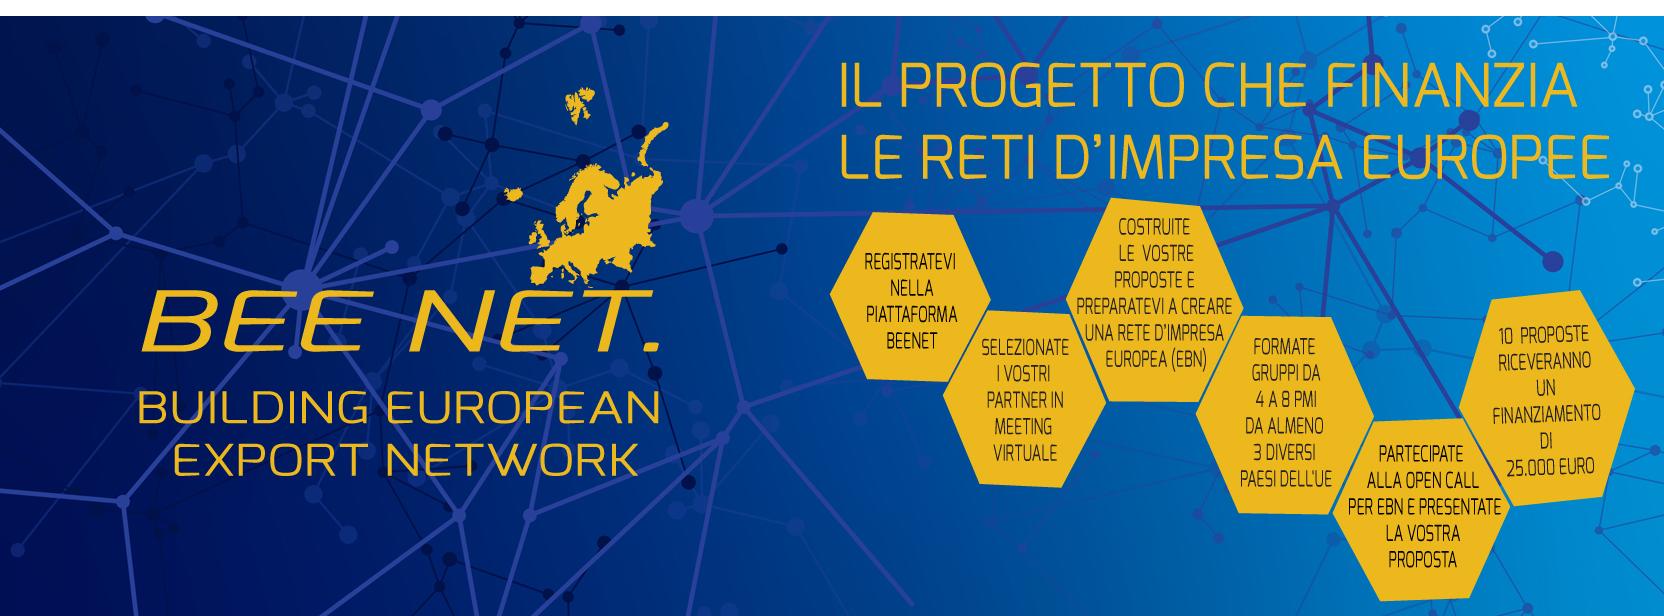 BEE NET B(uilding) E(uropean) E(xport) Net(works): Il progetto che finanzia le Reti d'Impresa europee